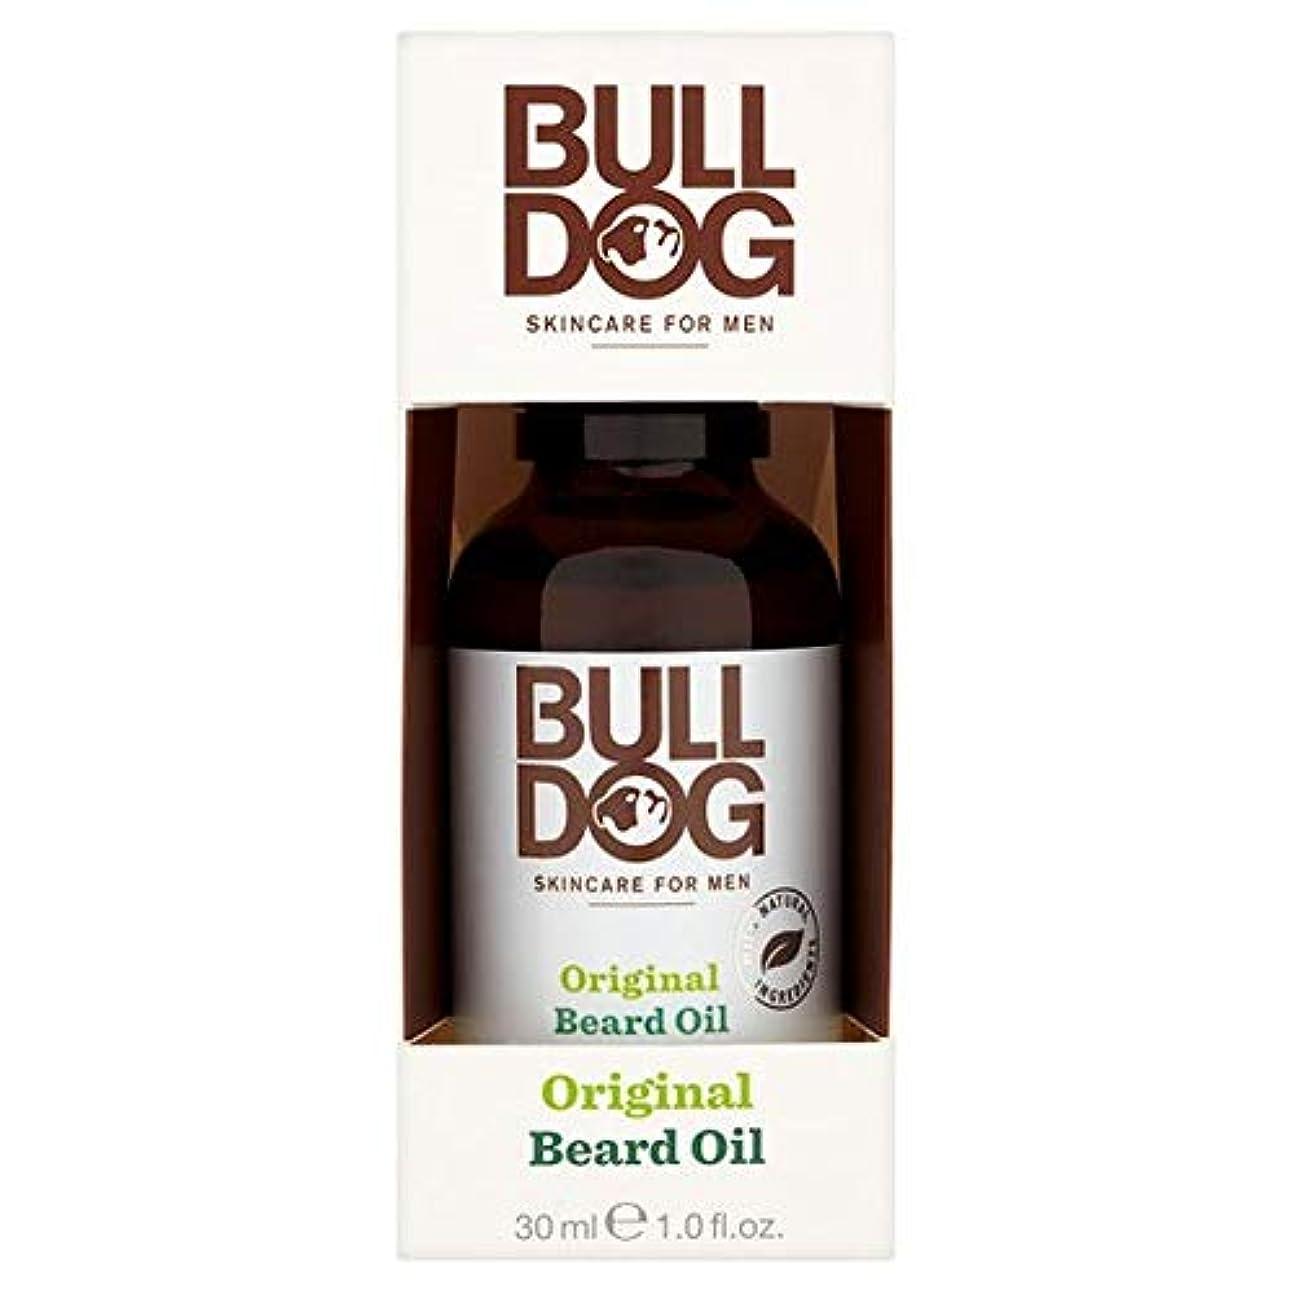 批判的に出発する強化する[Bulldog] ブルドッグ元ひげオイル30ミリリットル - Bulldog Original Beard Oil 30Ml [並行輸入品]